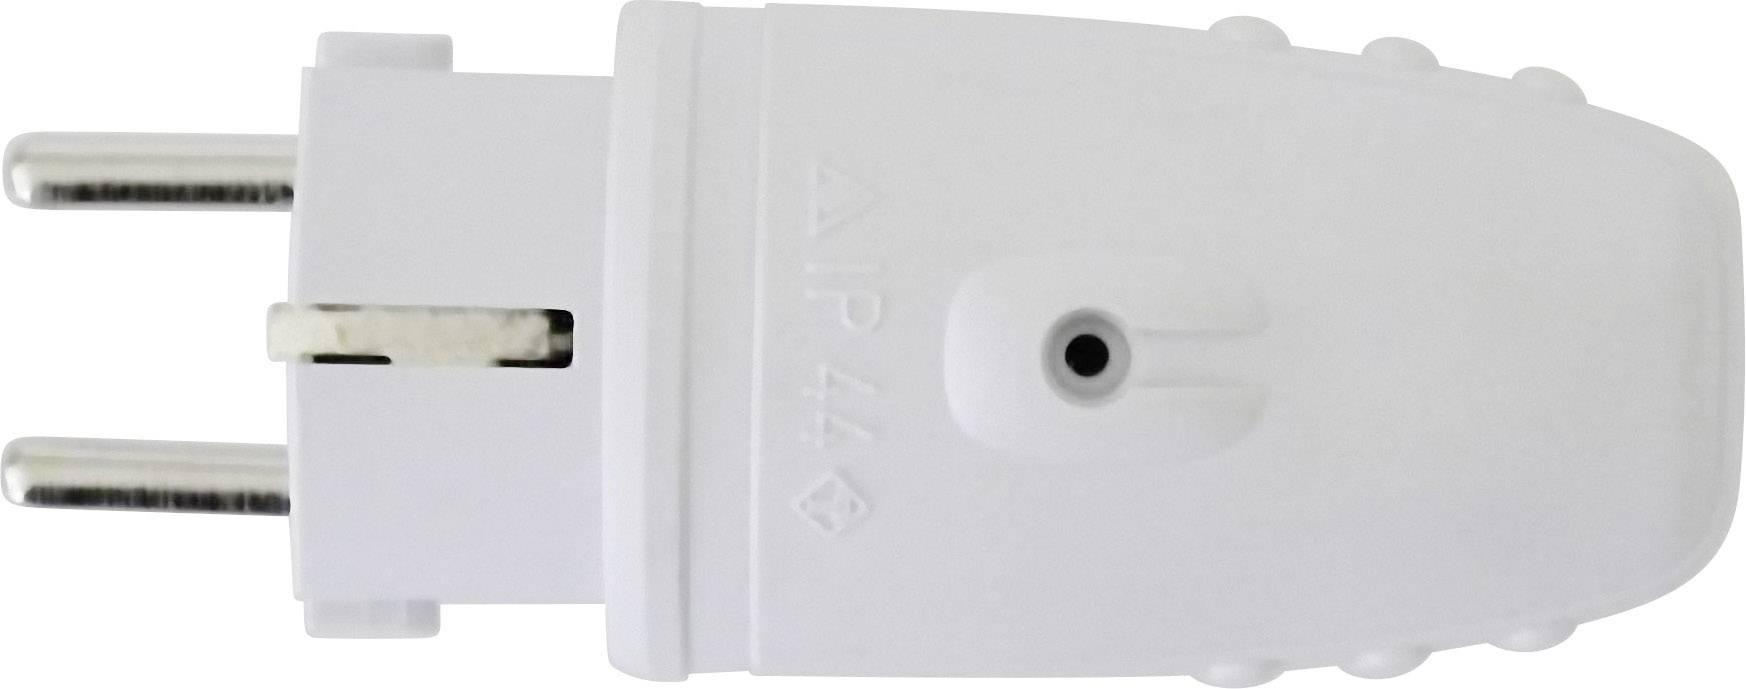 Zástrčka SchuKo GAO 624400, guma, IP20, 230 V, svetlosivá